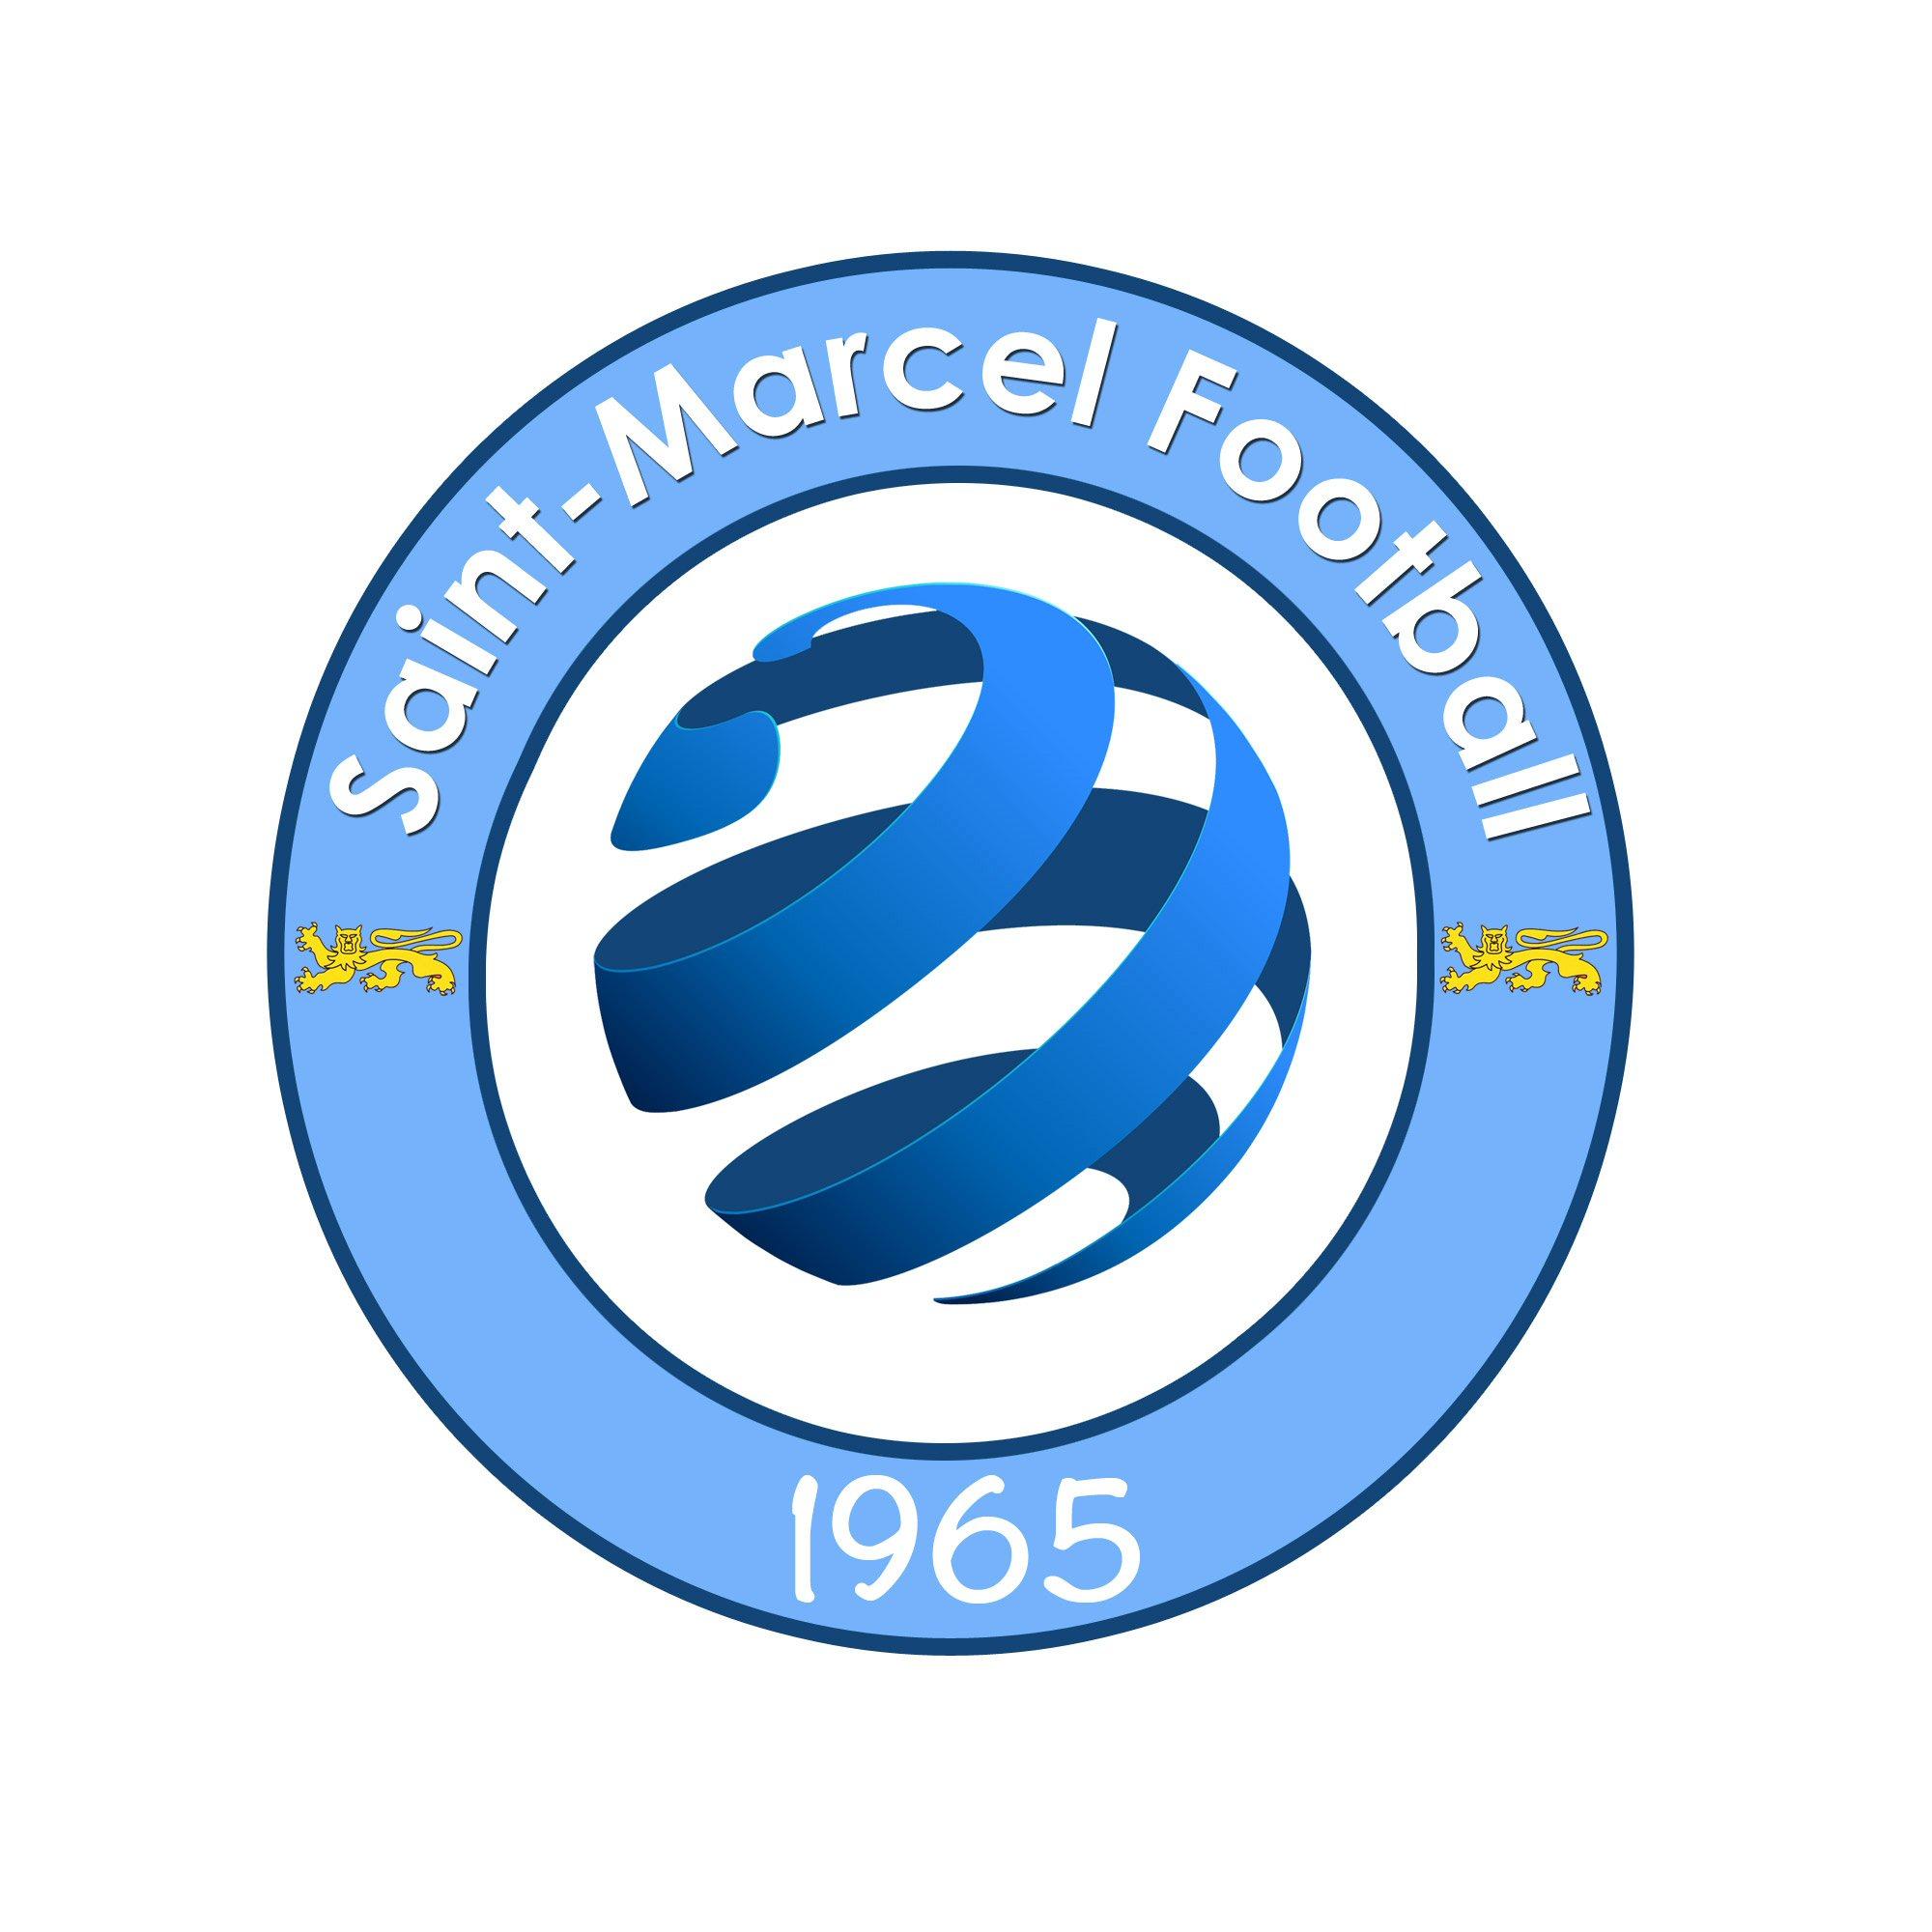 Actualit le nouveau logo de saint marcel football club football saint marcel football - Logo club foot bresil ...